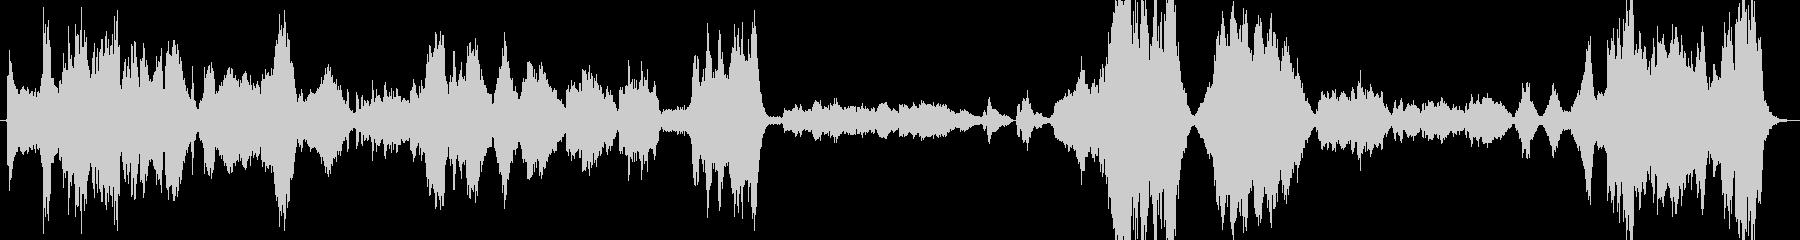 【オケ】アンボワーズ大通りの大脱走劇 の未再生の波形